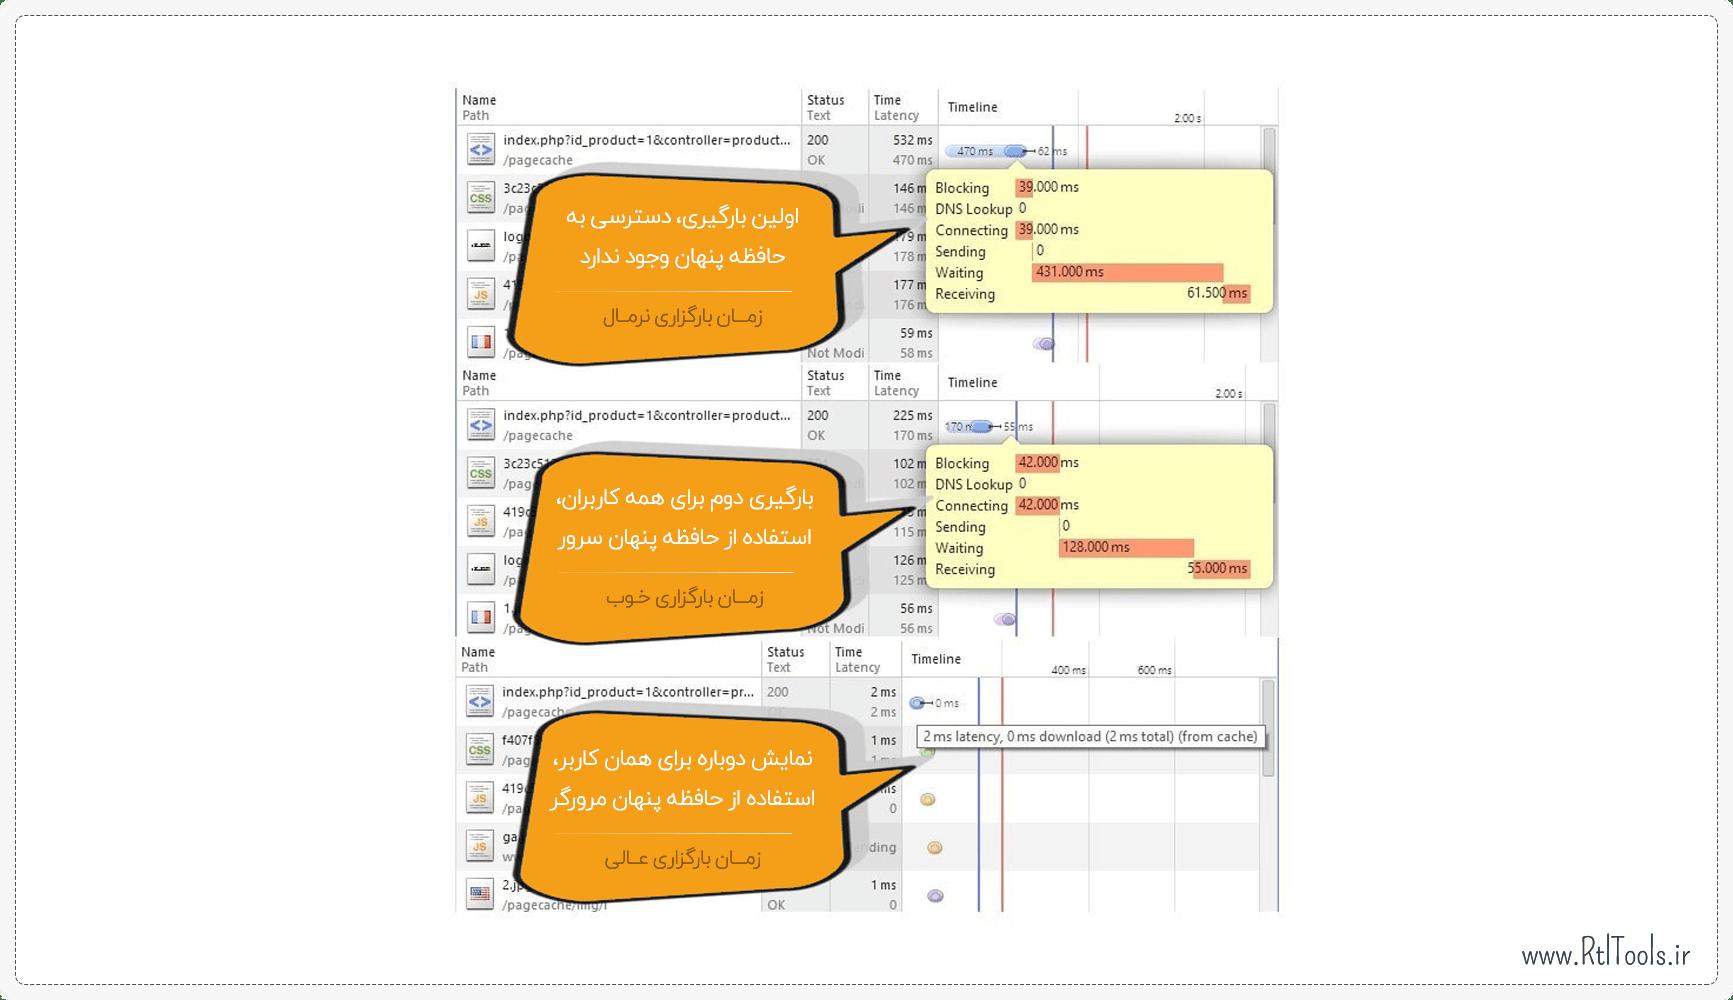 نمایش زمان بارگیری صفحات سایت | Page Cache Ultimate Module